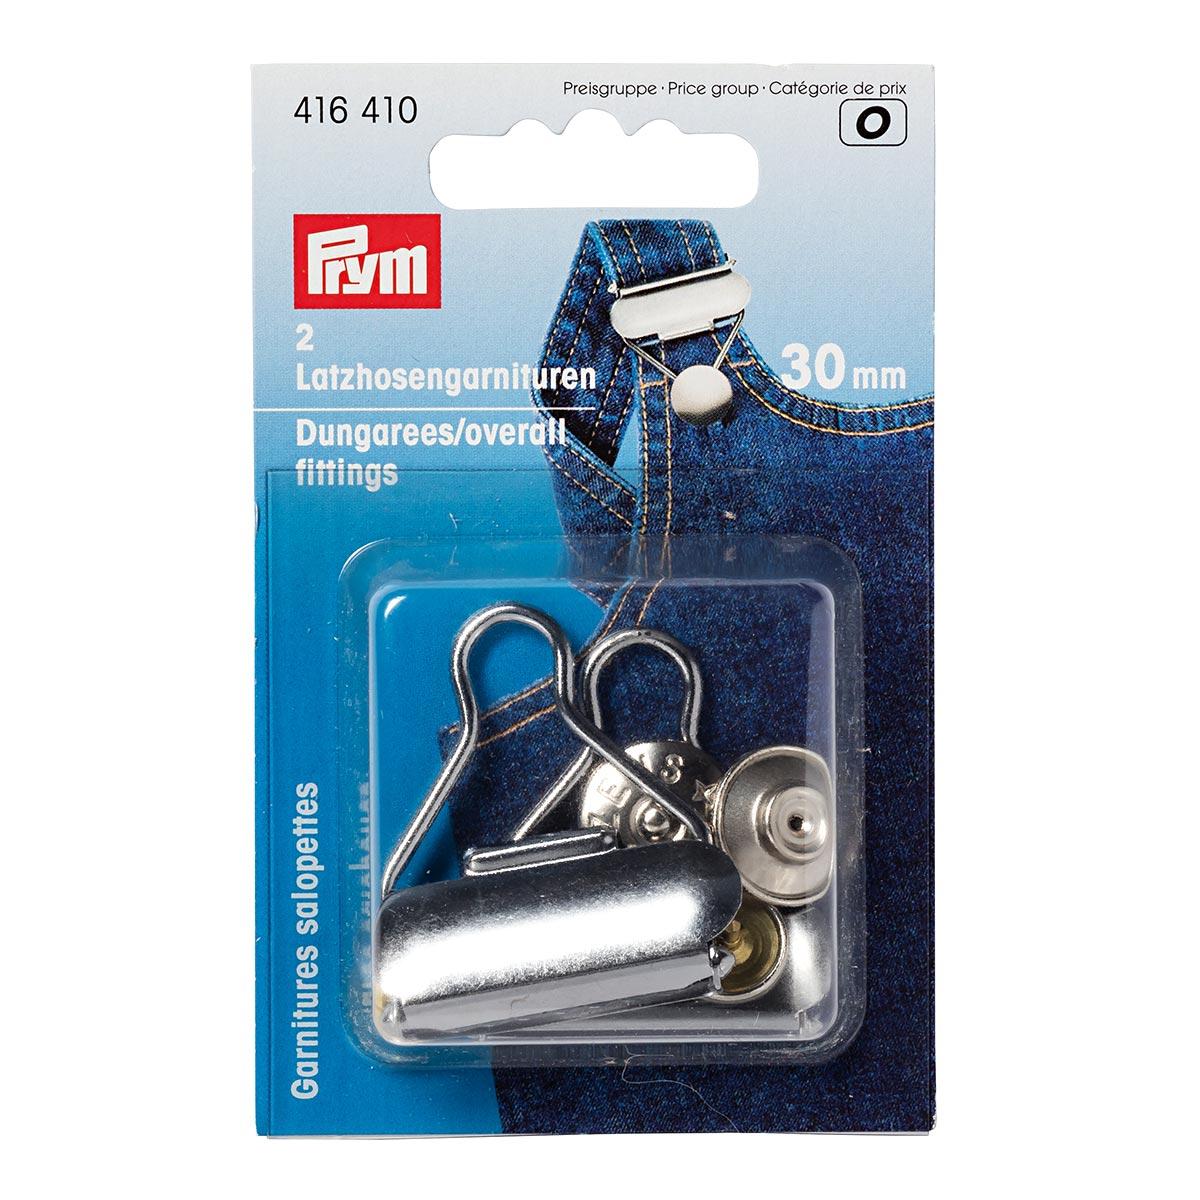 416410 Гарнитур для комбинезона, сталь, серебристый, 30 мм, упак./2 шт., Prym